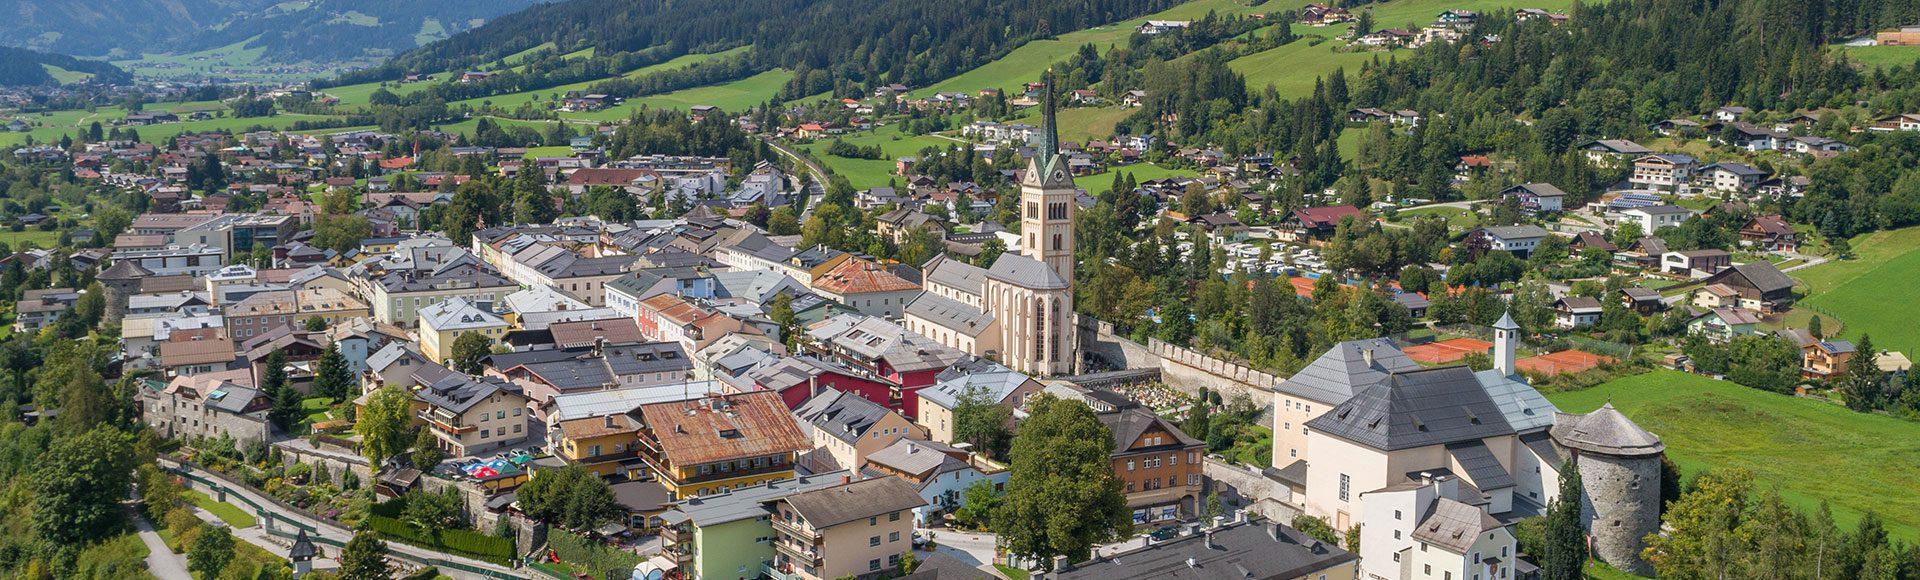 Urlaub Radstadt Tourismusverband Radstadt Lorenz Masser 2